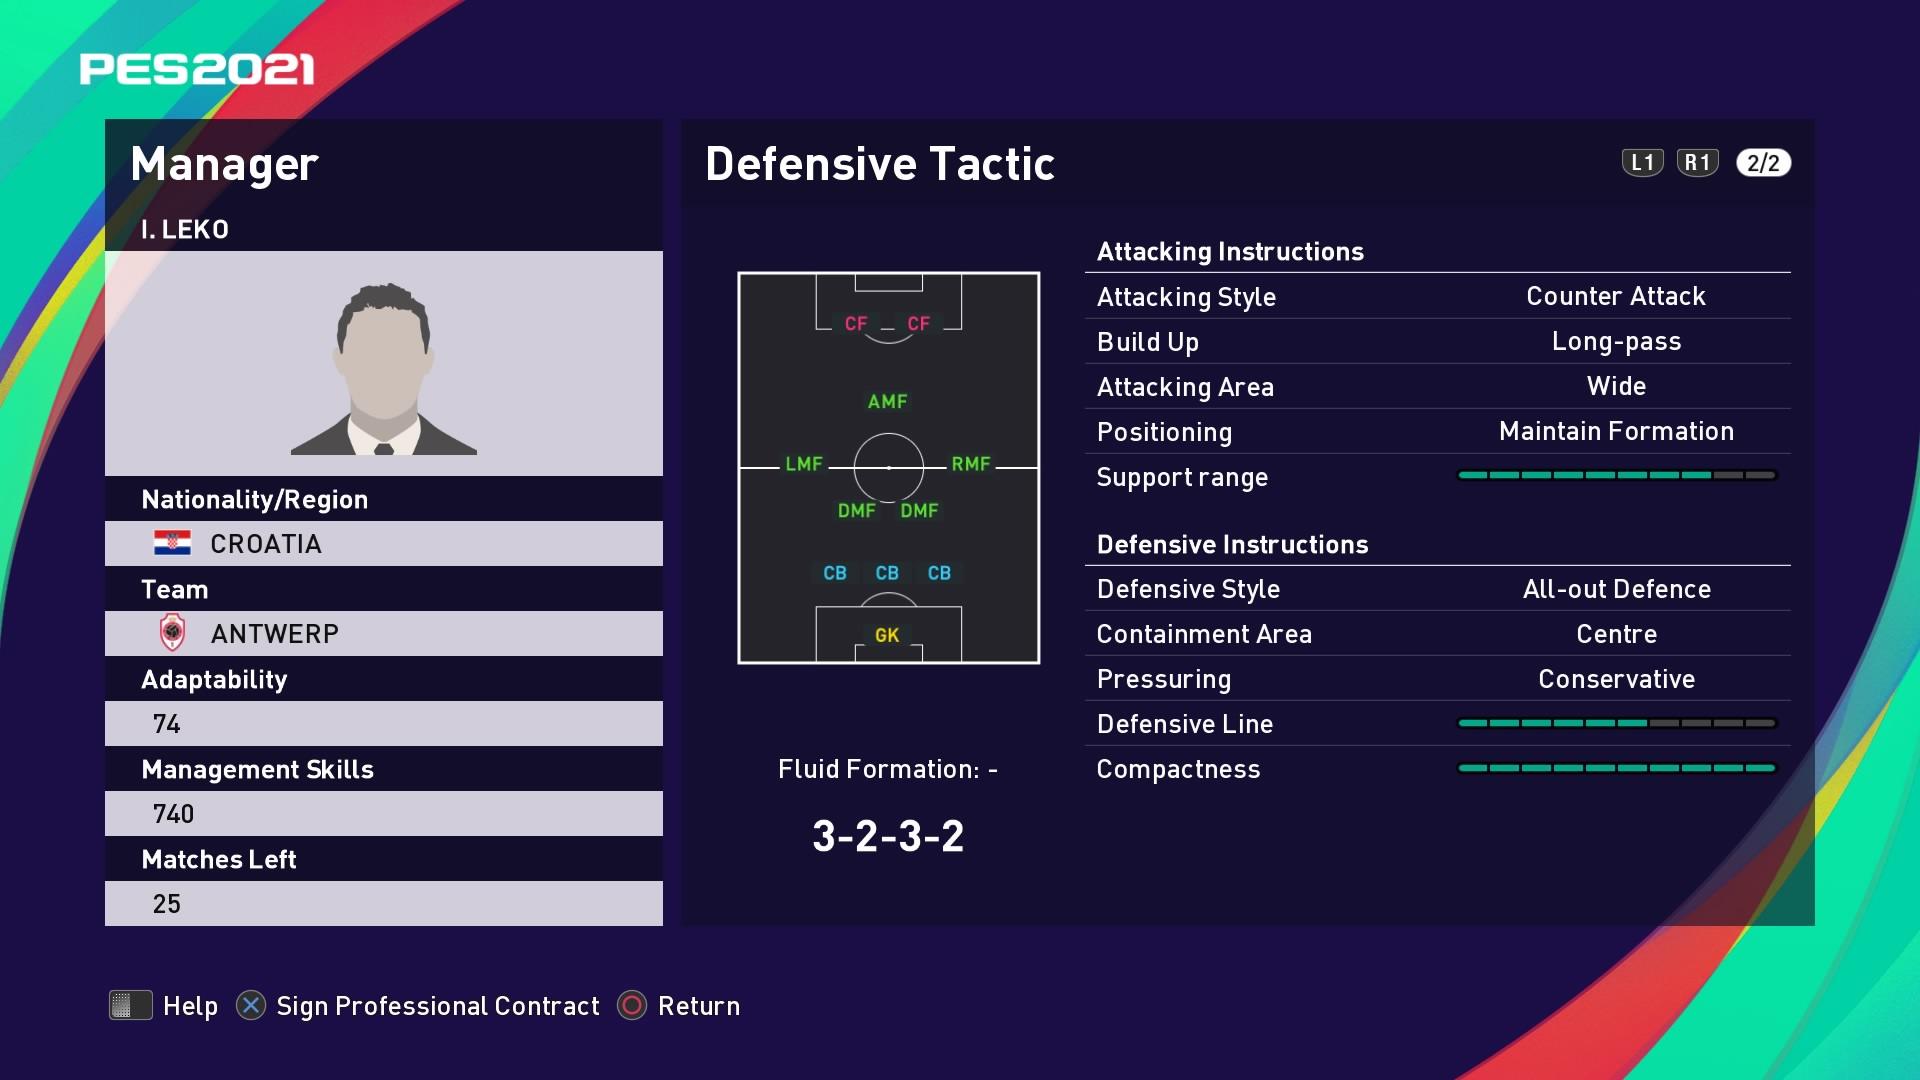 I. Leko (Ivan Leko) Defensive Tactic in PES 2021 myClub